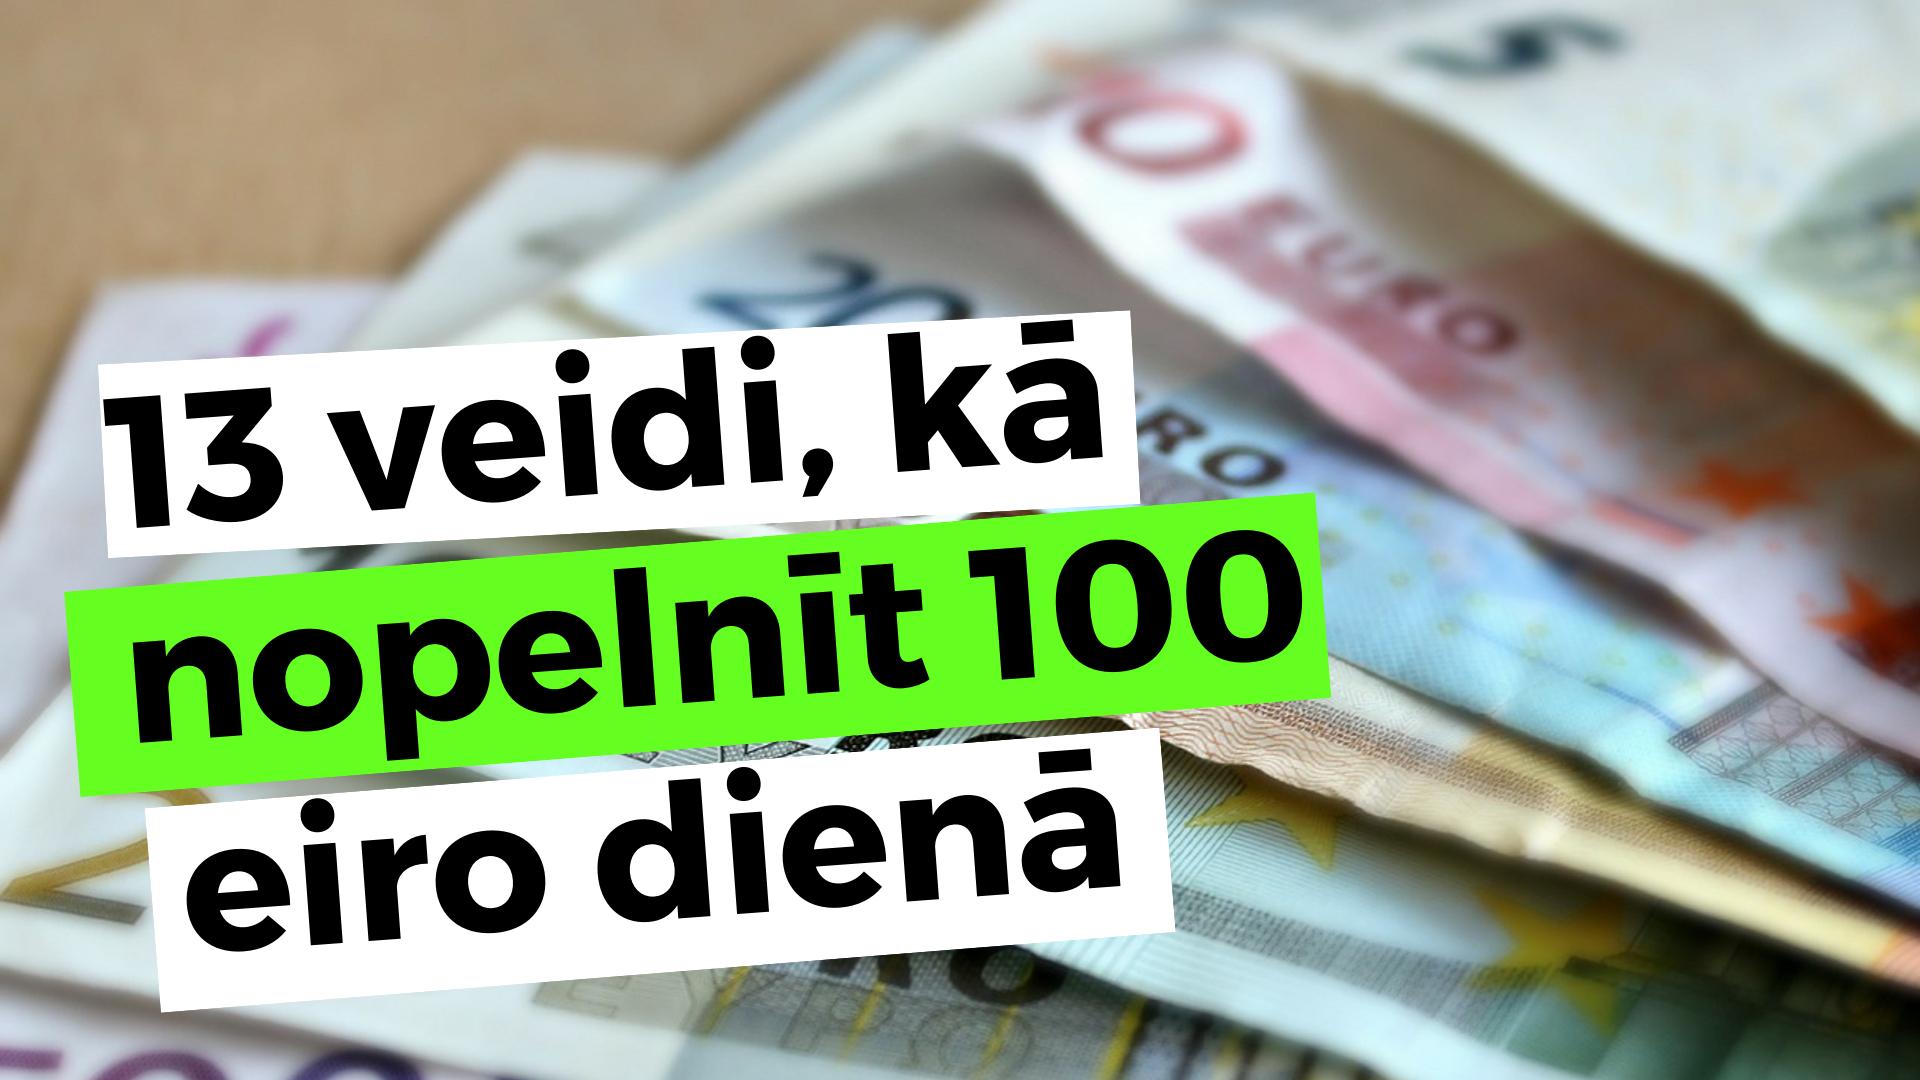 10 vienkārši veidi, kā iegūt papildus finanses | kreditslv